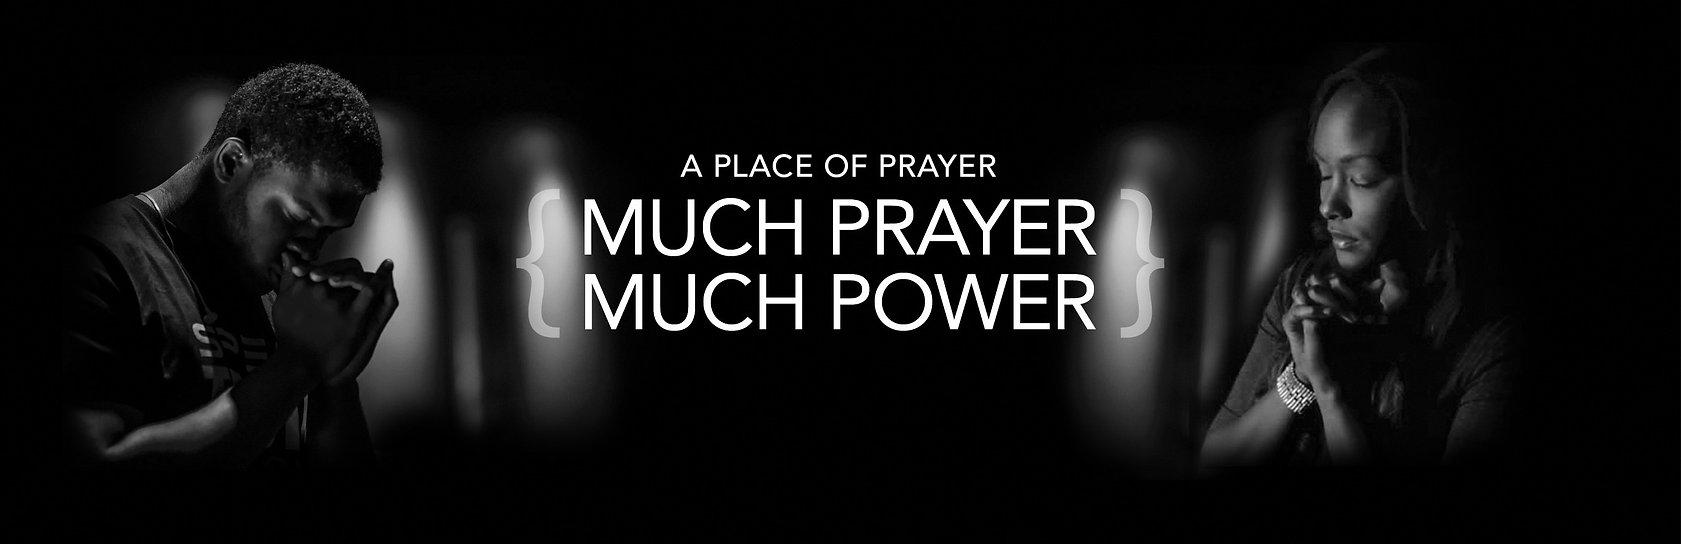 ATL_BLVD_Prayer_Revised.jpg